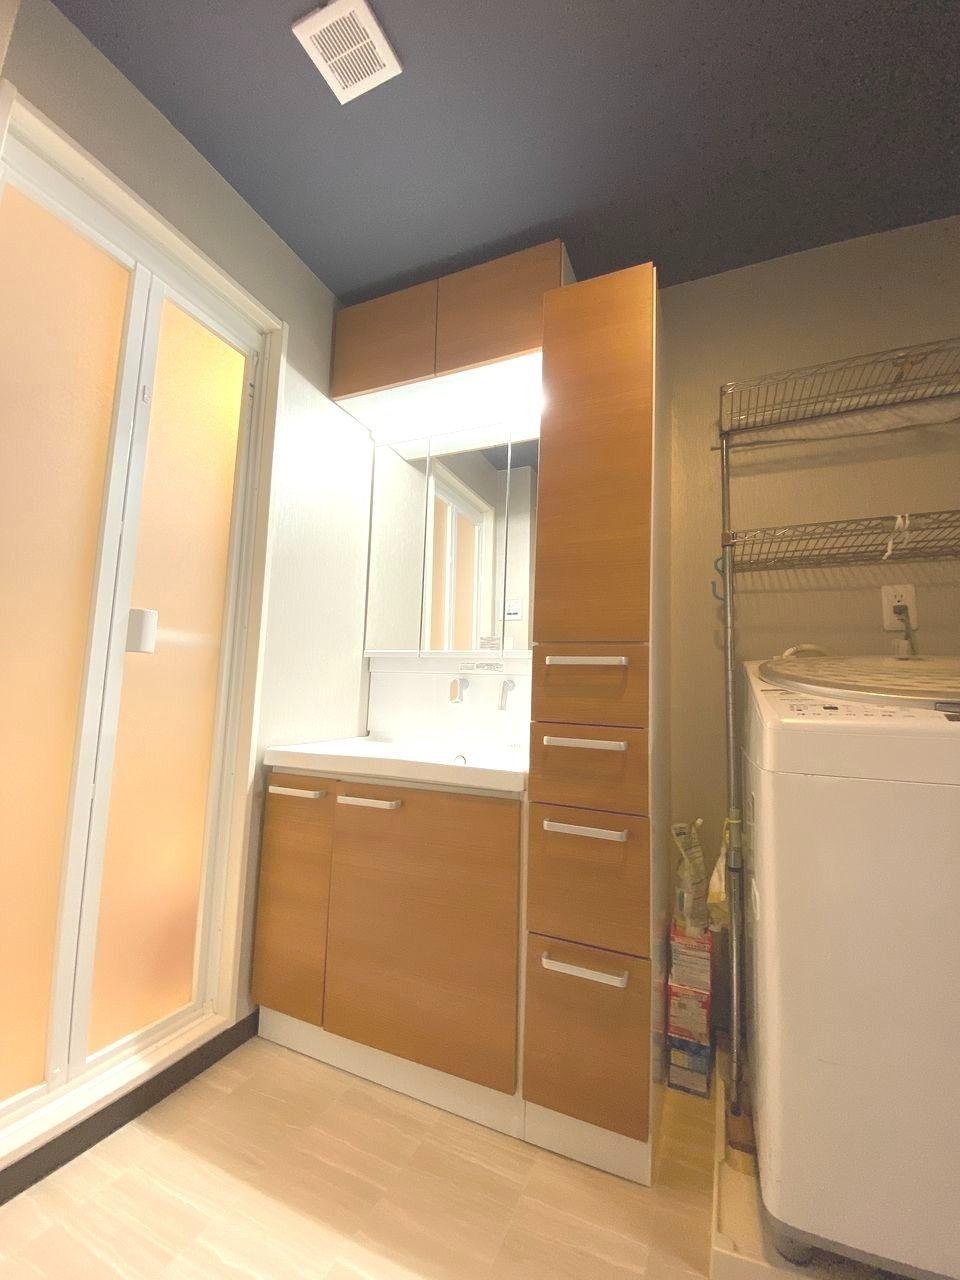 TOTO サクアの洗面化粧台は2019年7月交換しました。今までムダなスペースの原因となっていた排水管の配置や構造を見直すなど、TOTO独自の工夫によって、広い収納スペースを確保。キャビネット付きで、タオルや家族の下着などを入れるのに便利です。